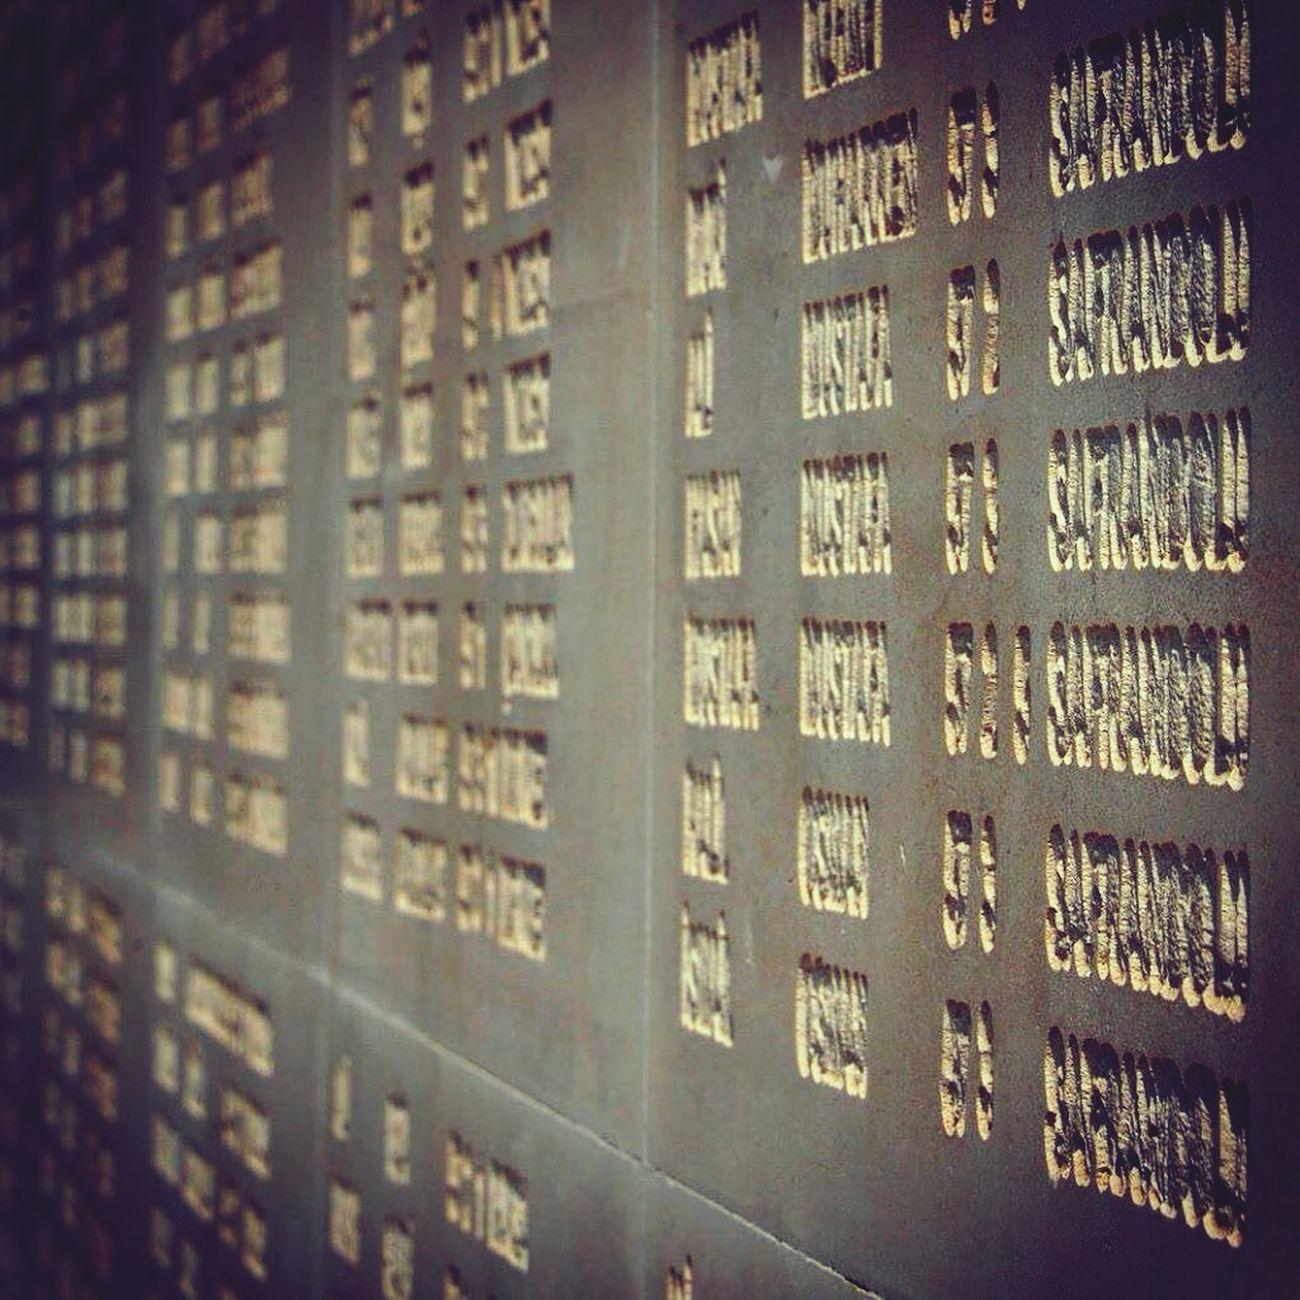 çanakkale Sehitlik Vatan Çanakkale Abidesi çanakkaledenizzaferimiz100yaşında Turkey 18Mart1915 çanakkalegeçilmez çanakkalezaferi War